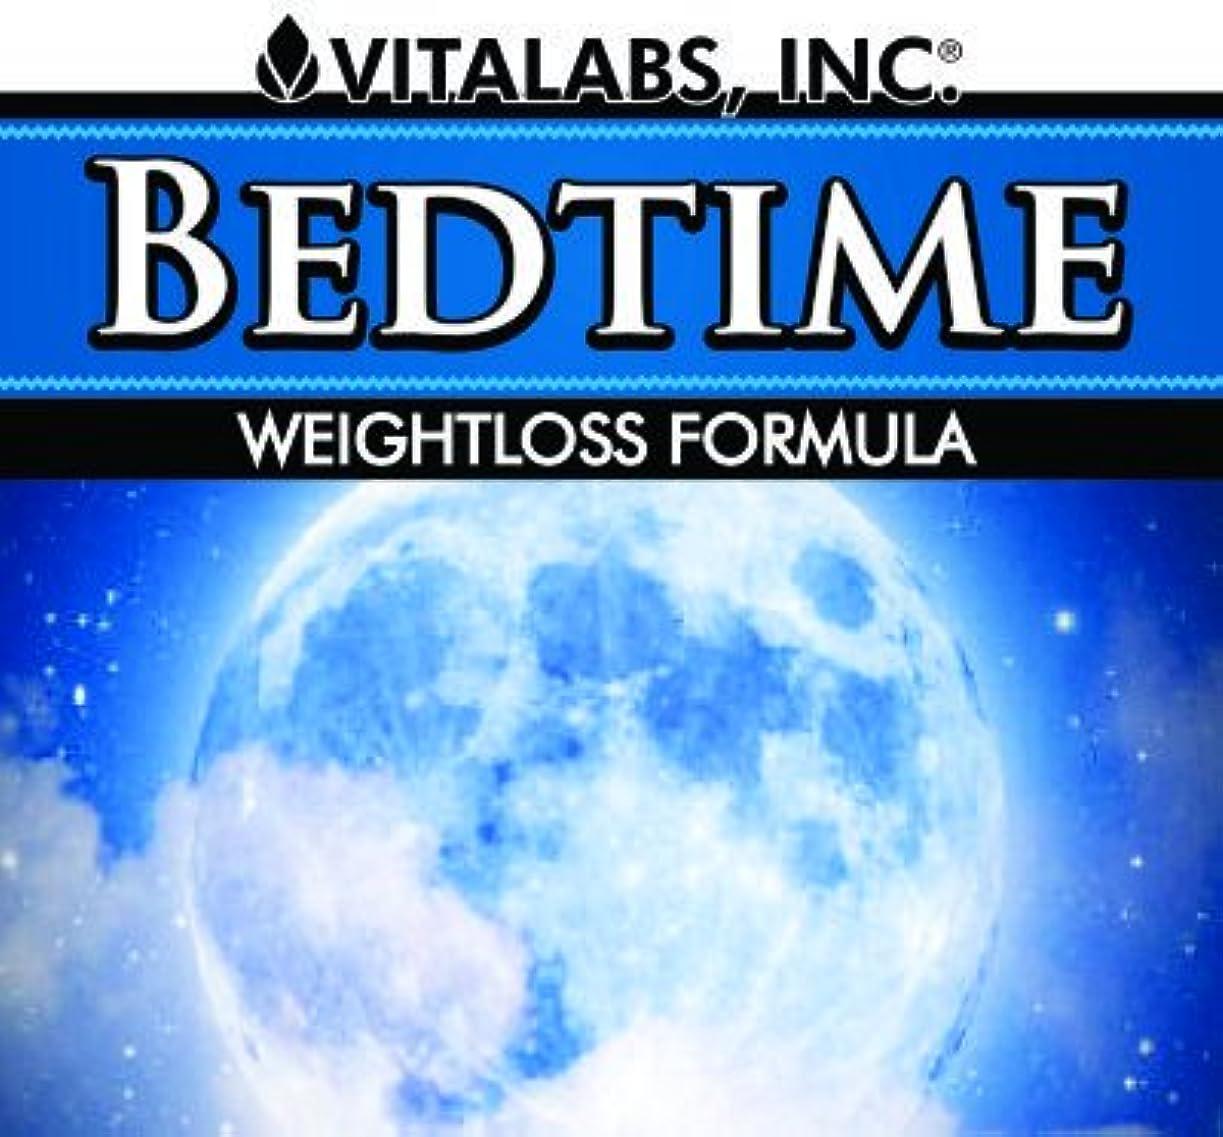 宴会パッケージ適切なSaturn Supplements/Vitalabs BedTime Weight Lost ベッドタイムウェイトロス 60カプセル